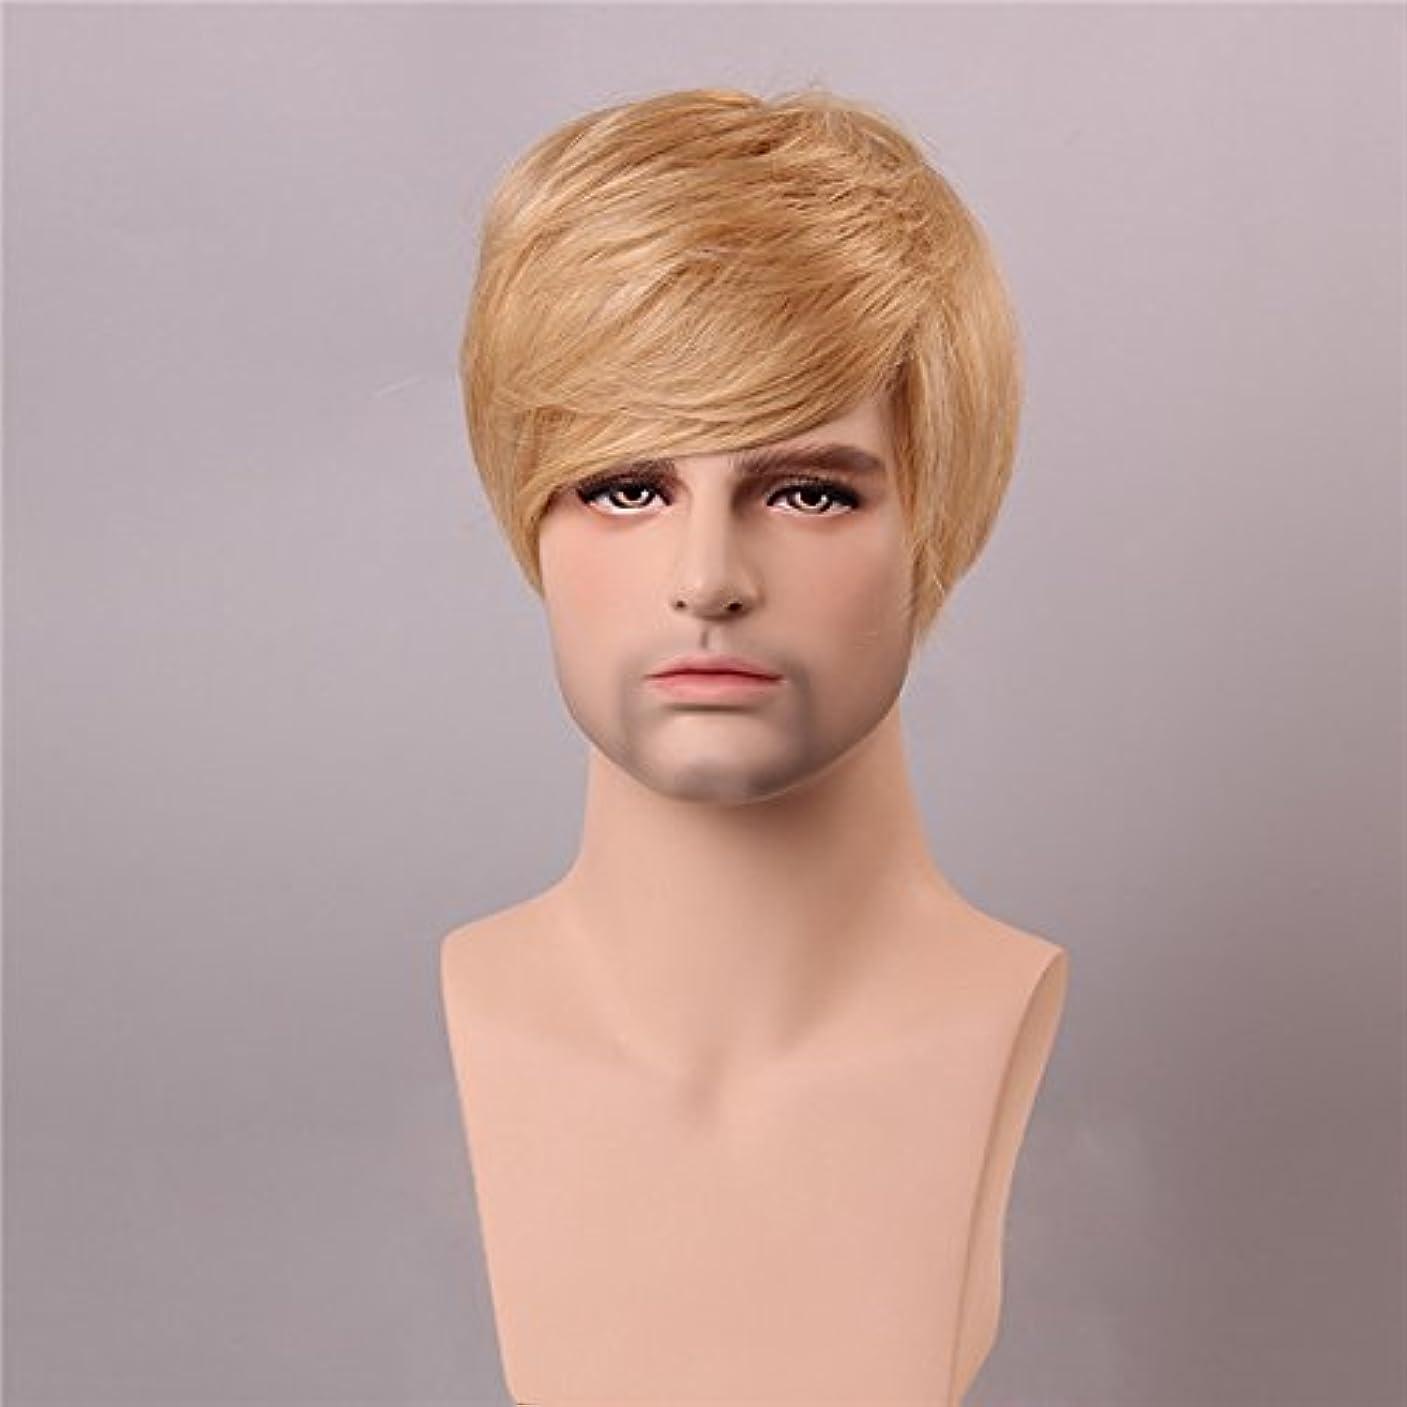 到着ラッシュ製作YZUEYT ブロンドの男性短いモノラルトップの人間の髪のかつら男性のヴァージンレミーキャップレスサイドバング YZUEYT (Size : One size)